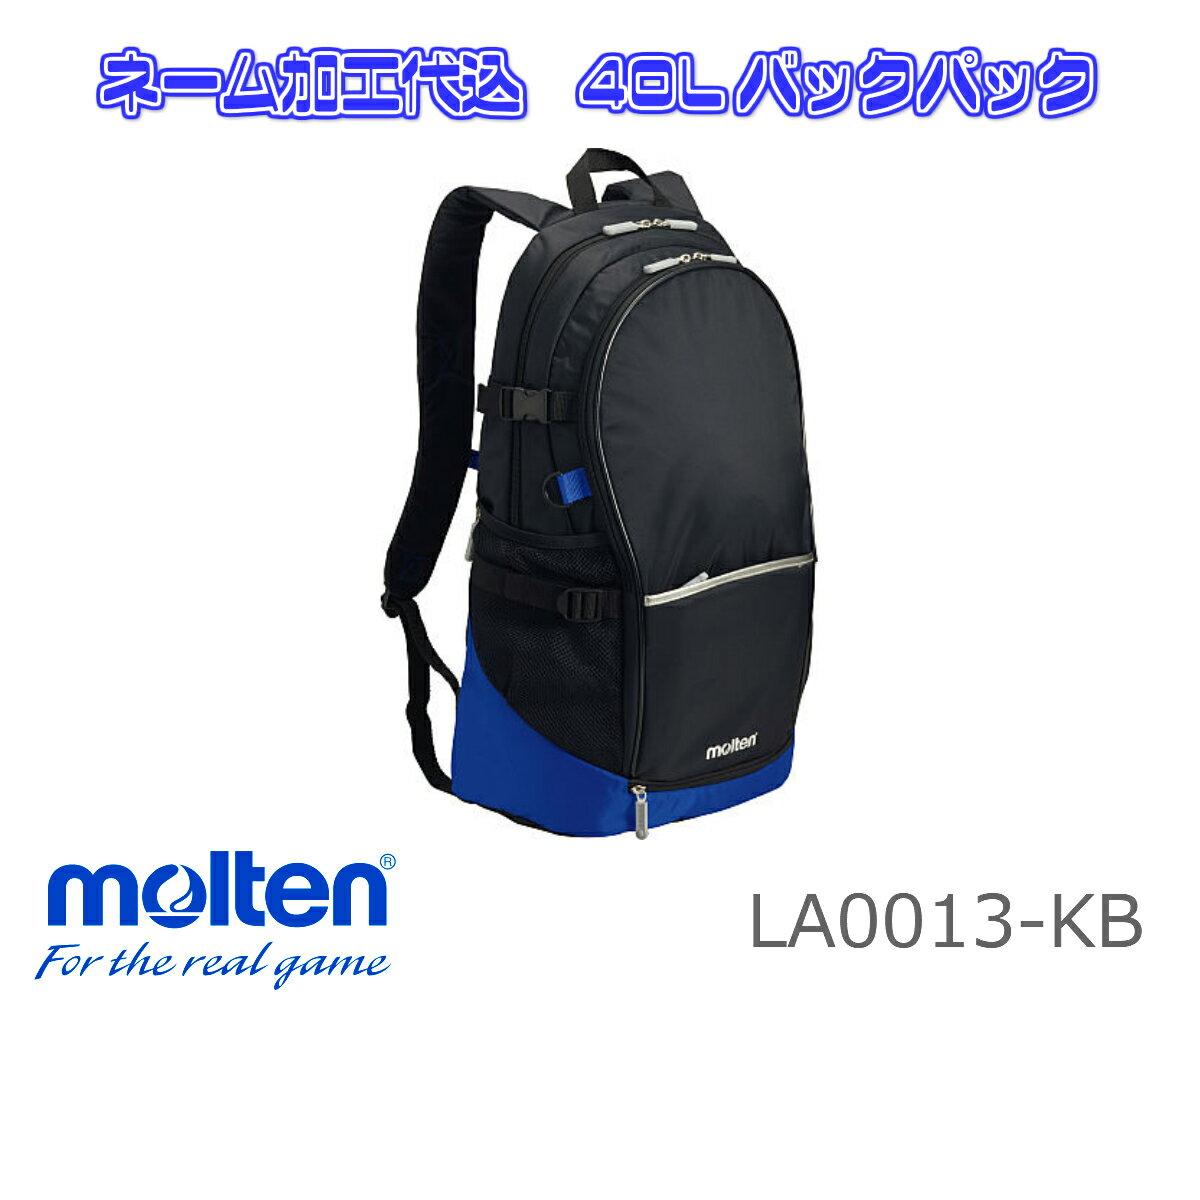 【ネーム加工代込】モルテン molten バックパック ネーム加工可 チーム名や個人名を入れよう! 黒×青 LA0013KB